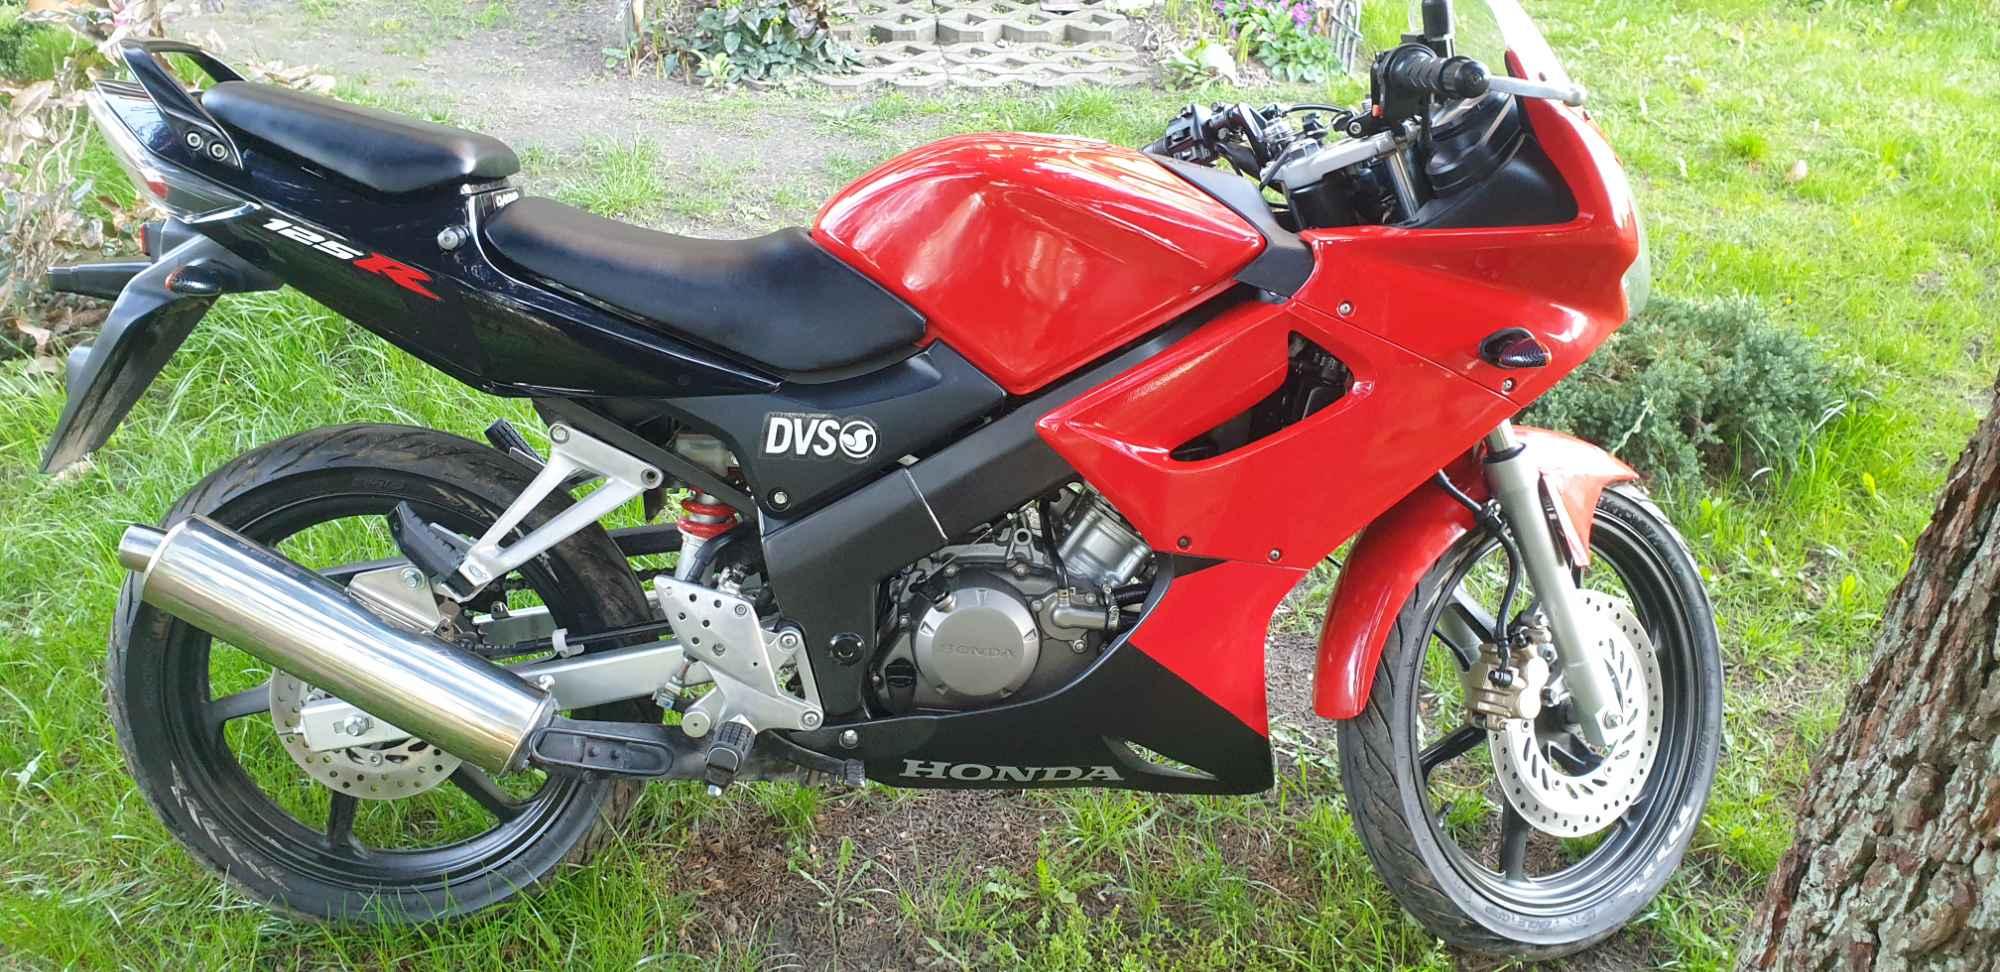 Honda Cbr 125r Barchów - zdjęcie 2